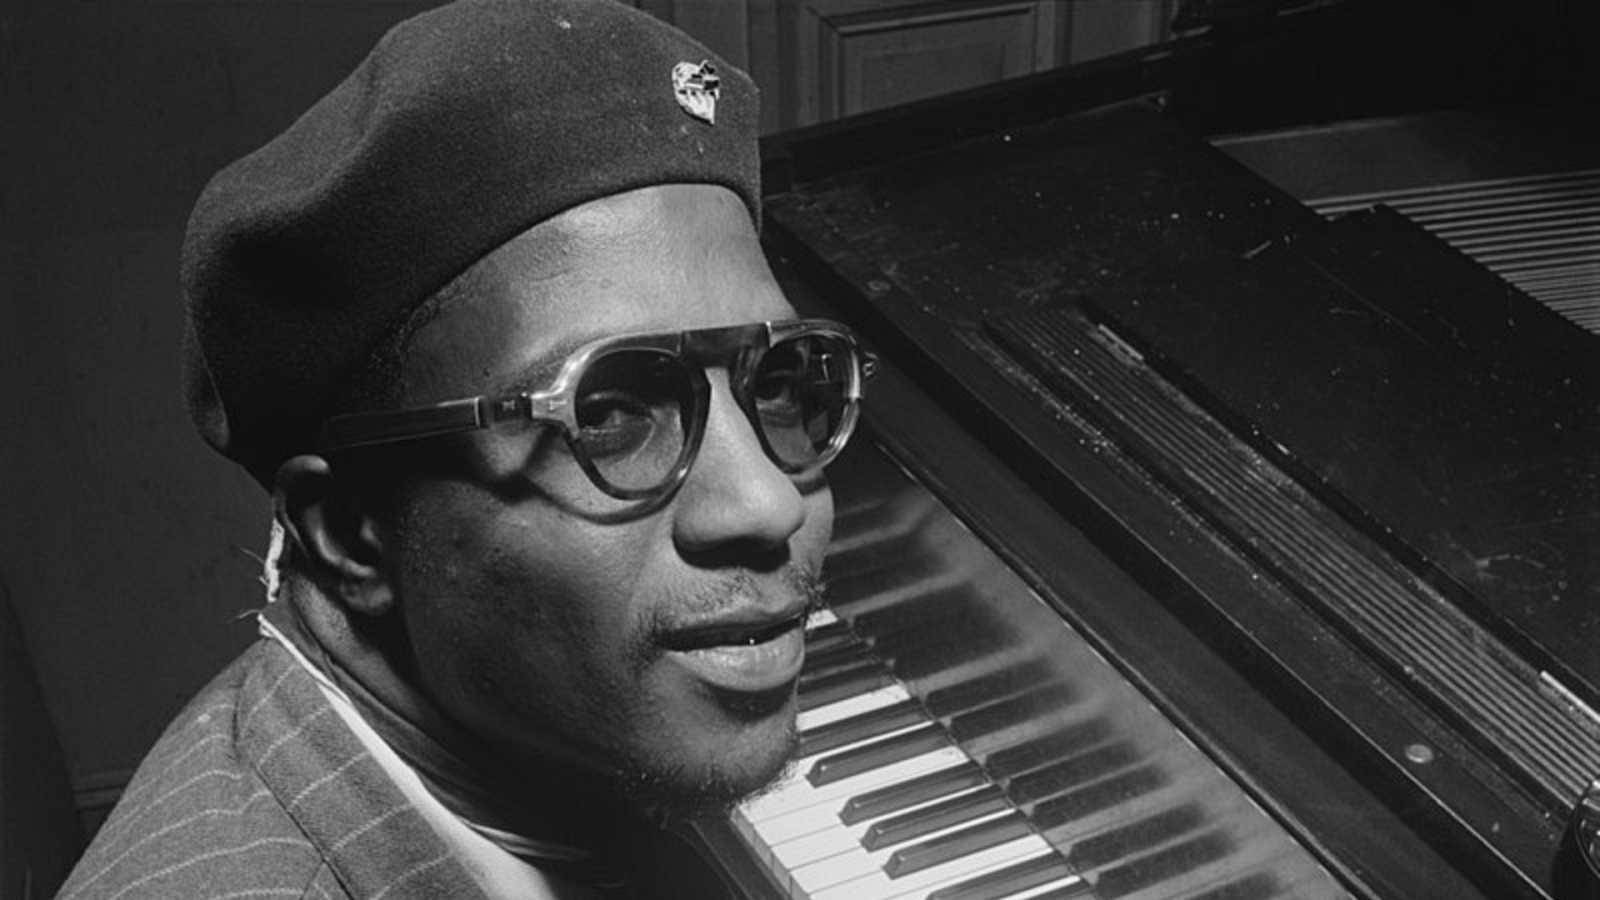 Píntalo de negro. El soul y sui historias - La epifanía de Thelonious Monk - 07/07/20 - Escuchar ahora